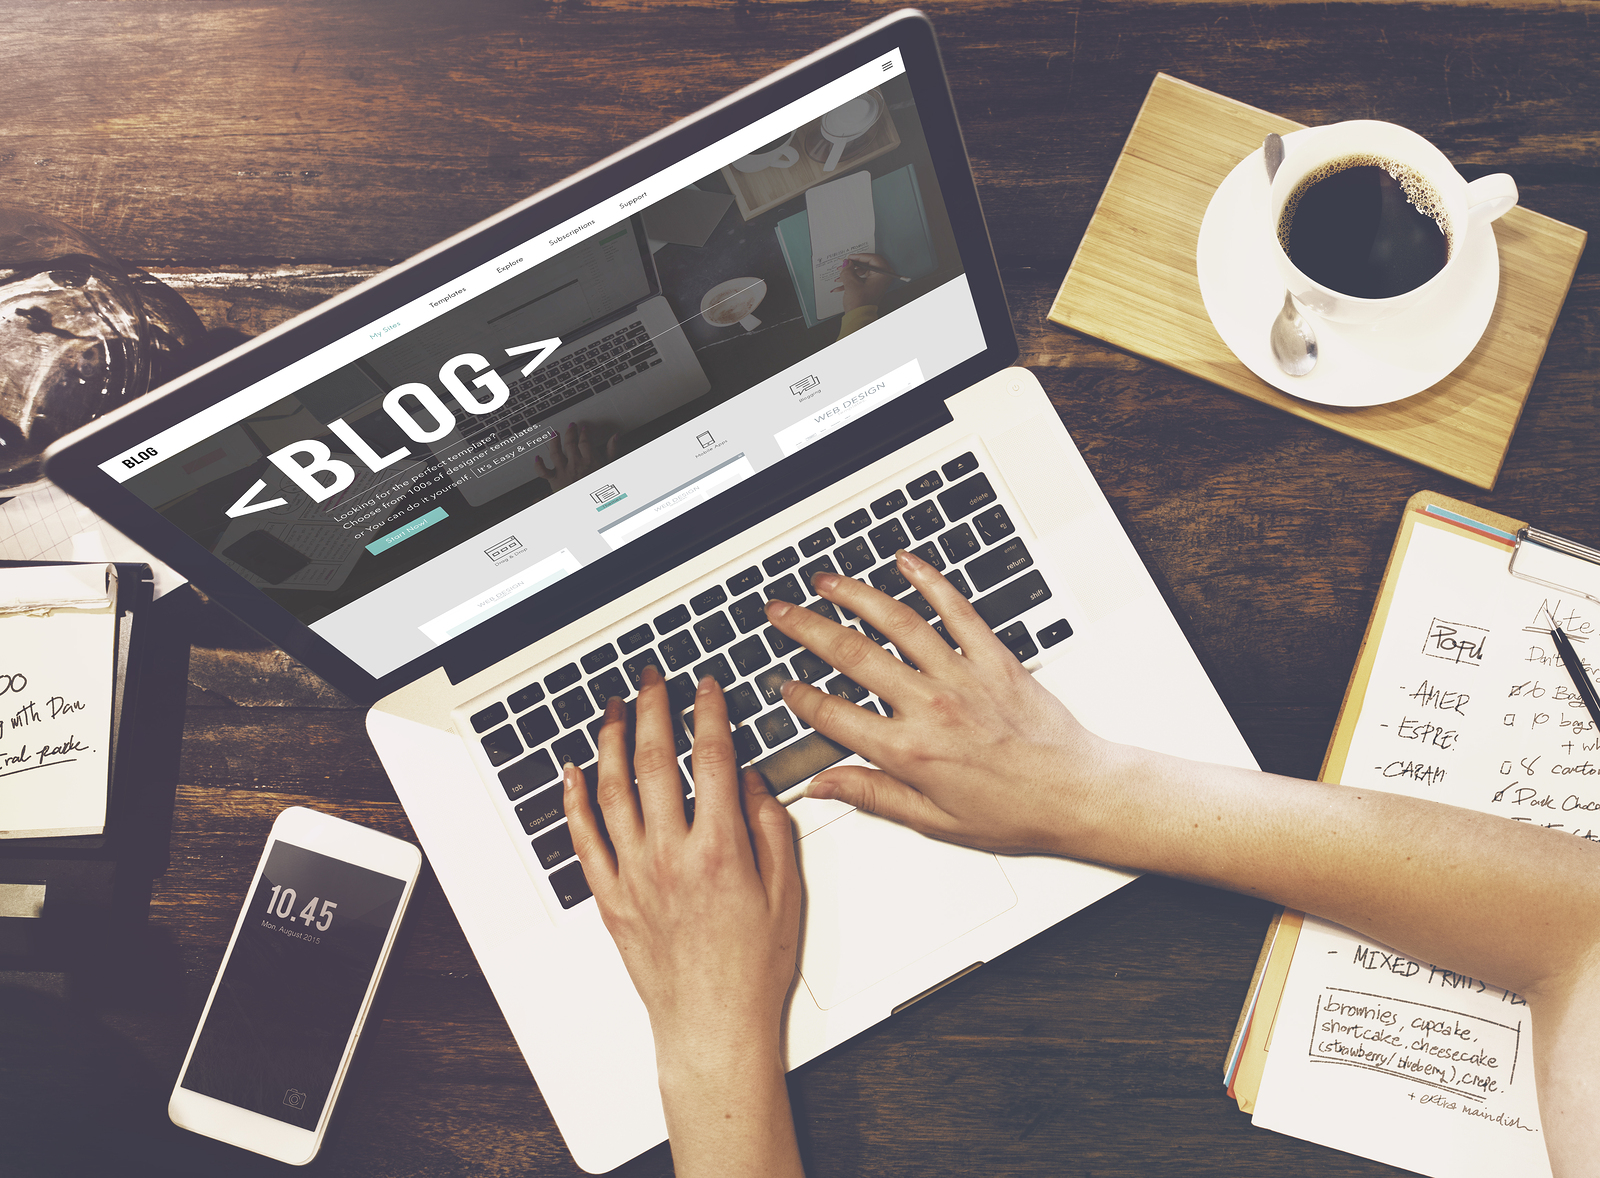 5 lí do vì sao các Developer nên viết Blog cho riêng mình